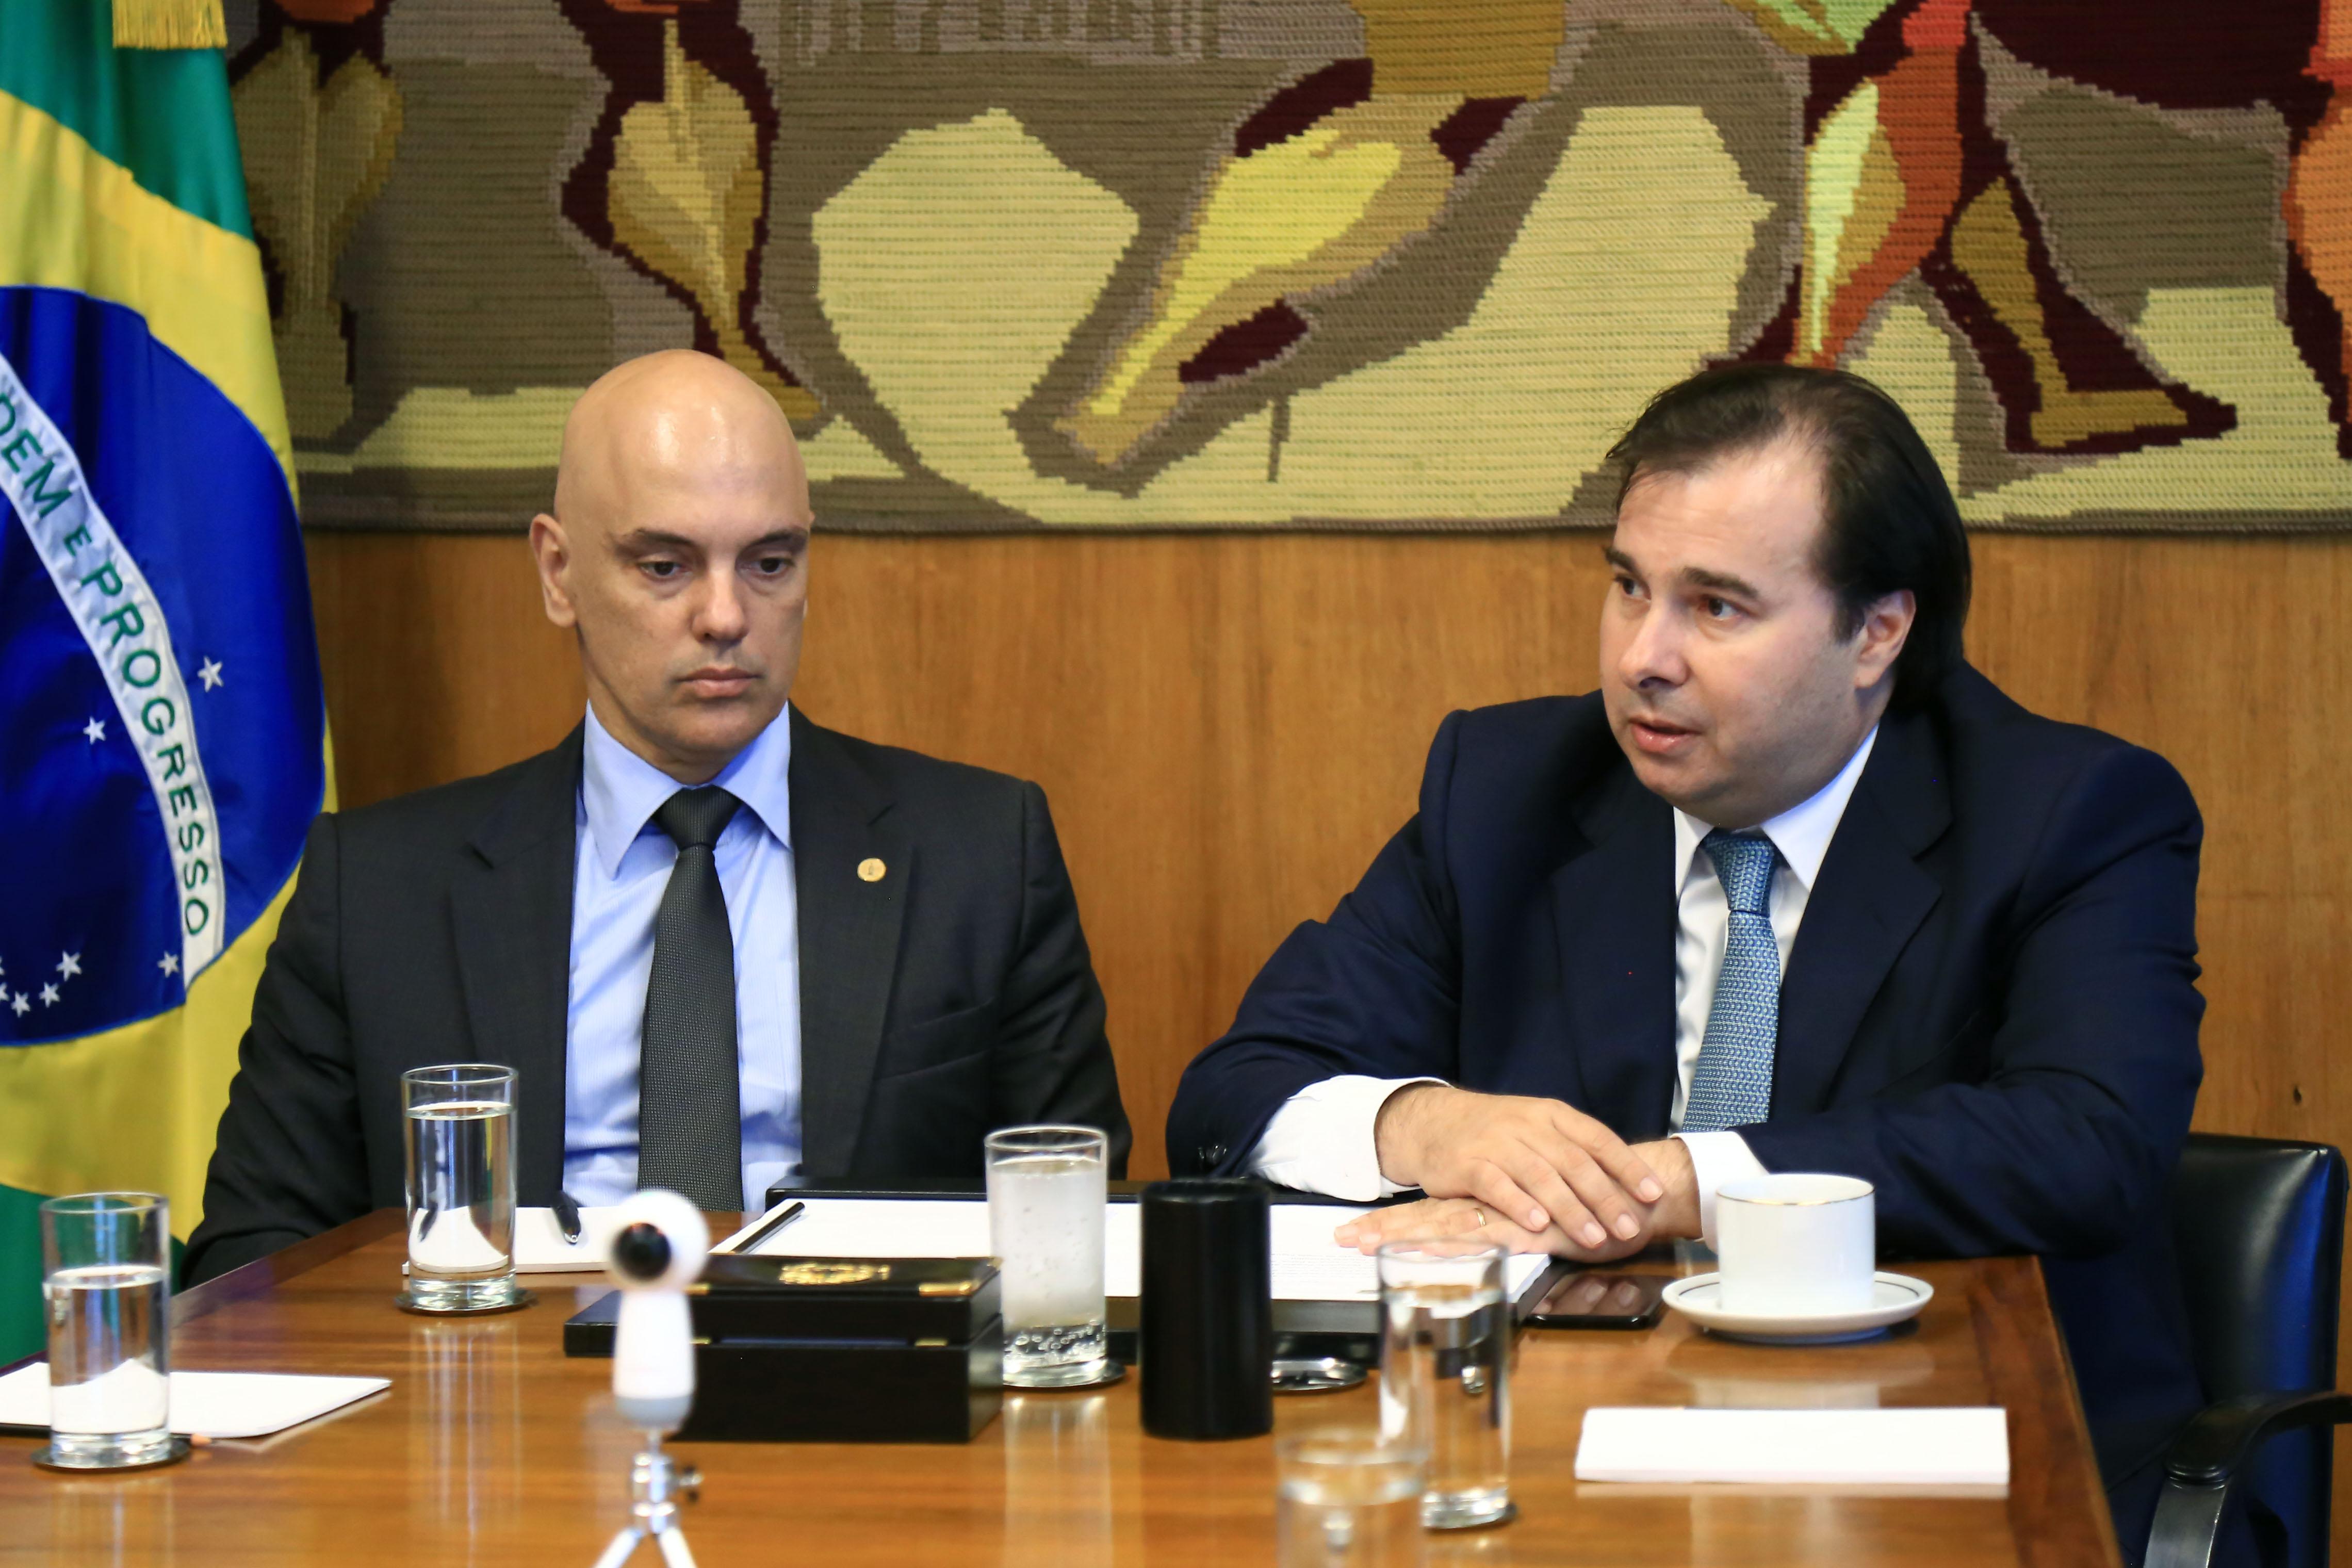 Reunião com o Ministro do Supremo Tribunal Federal, Alexandre de Moraes. Presidente da Câmara, dep. Rodrigo Maia (DEM-RJ)